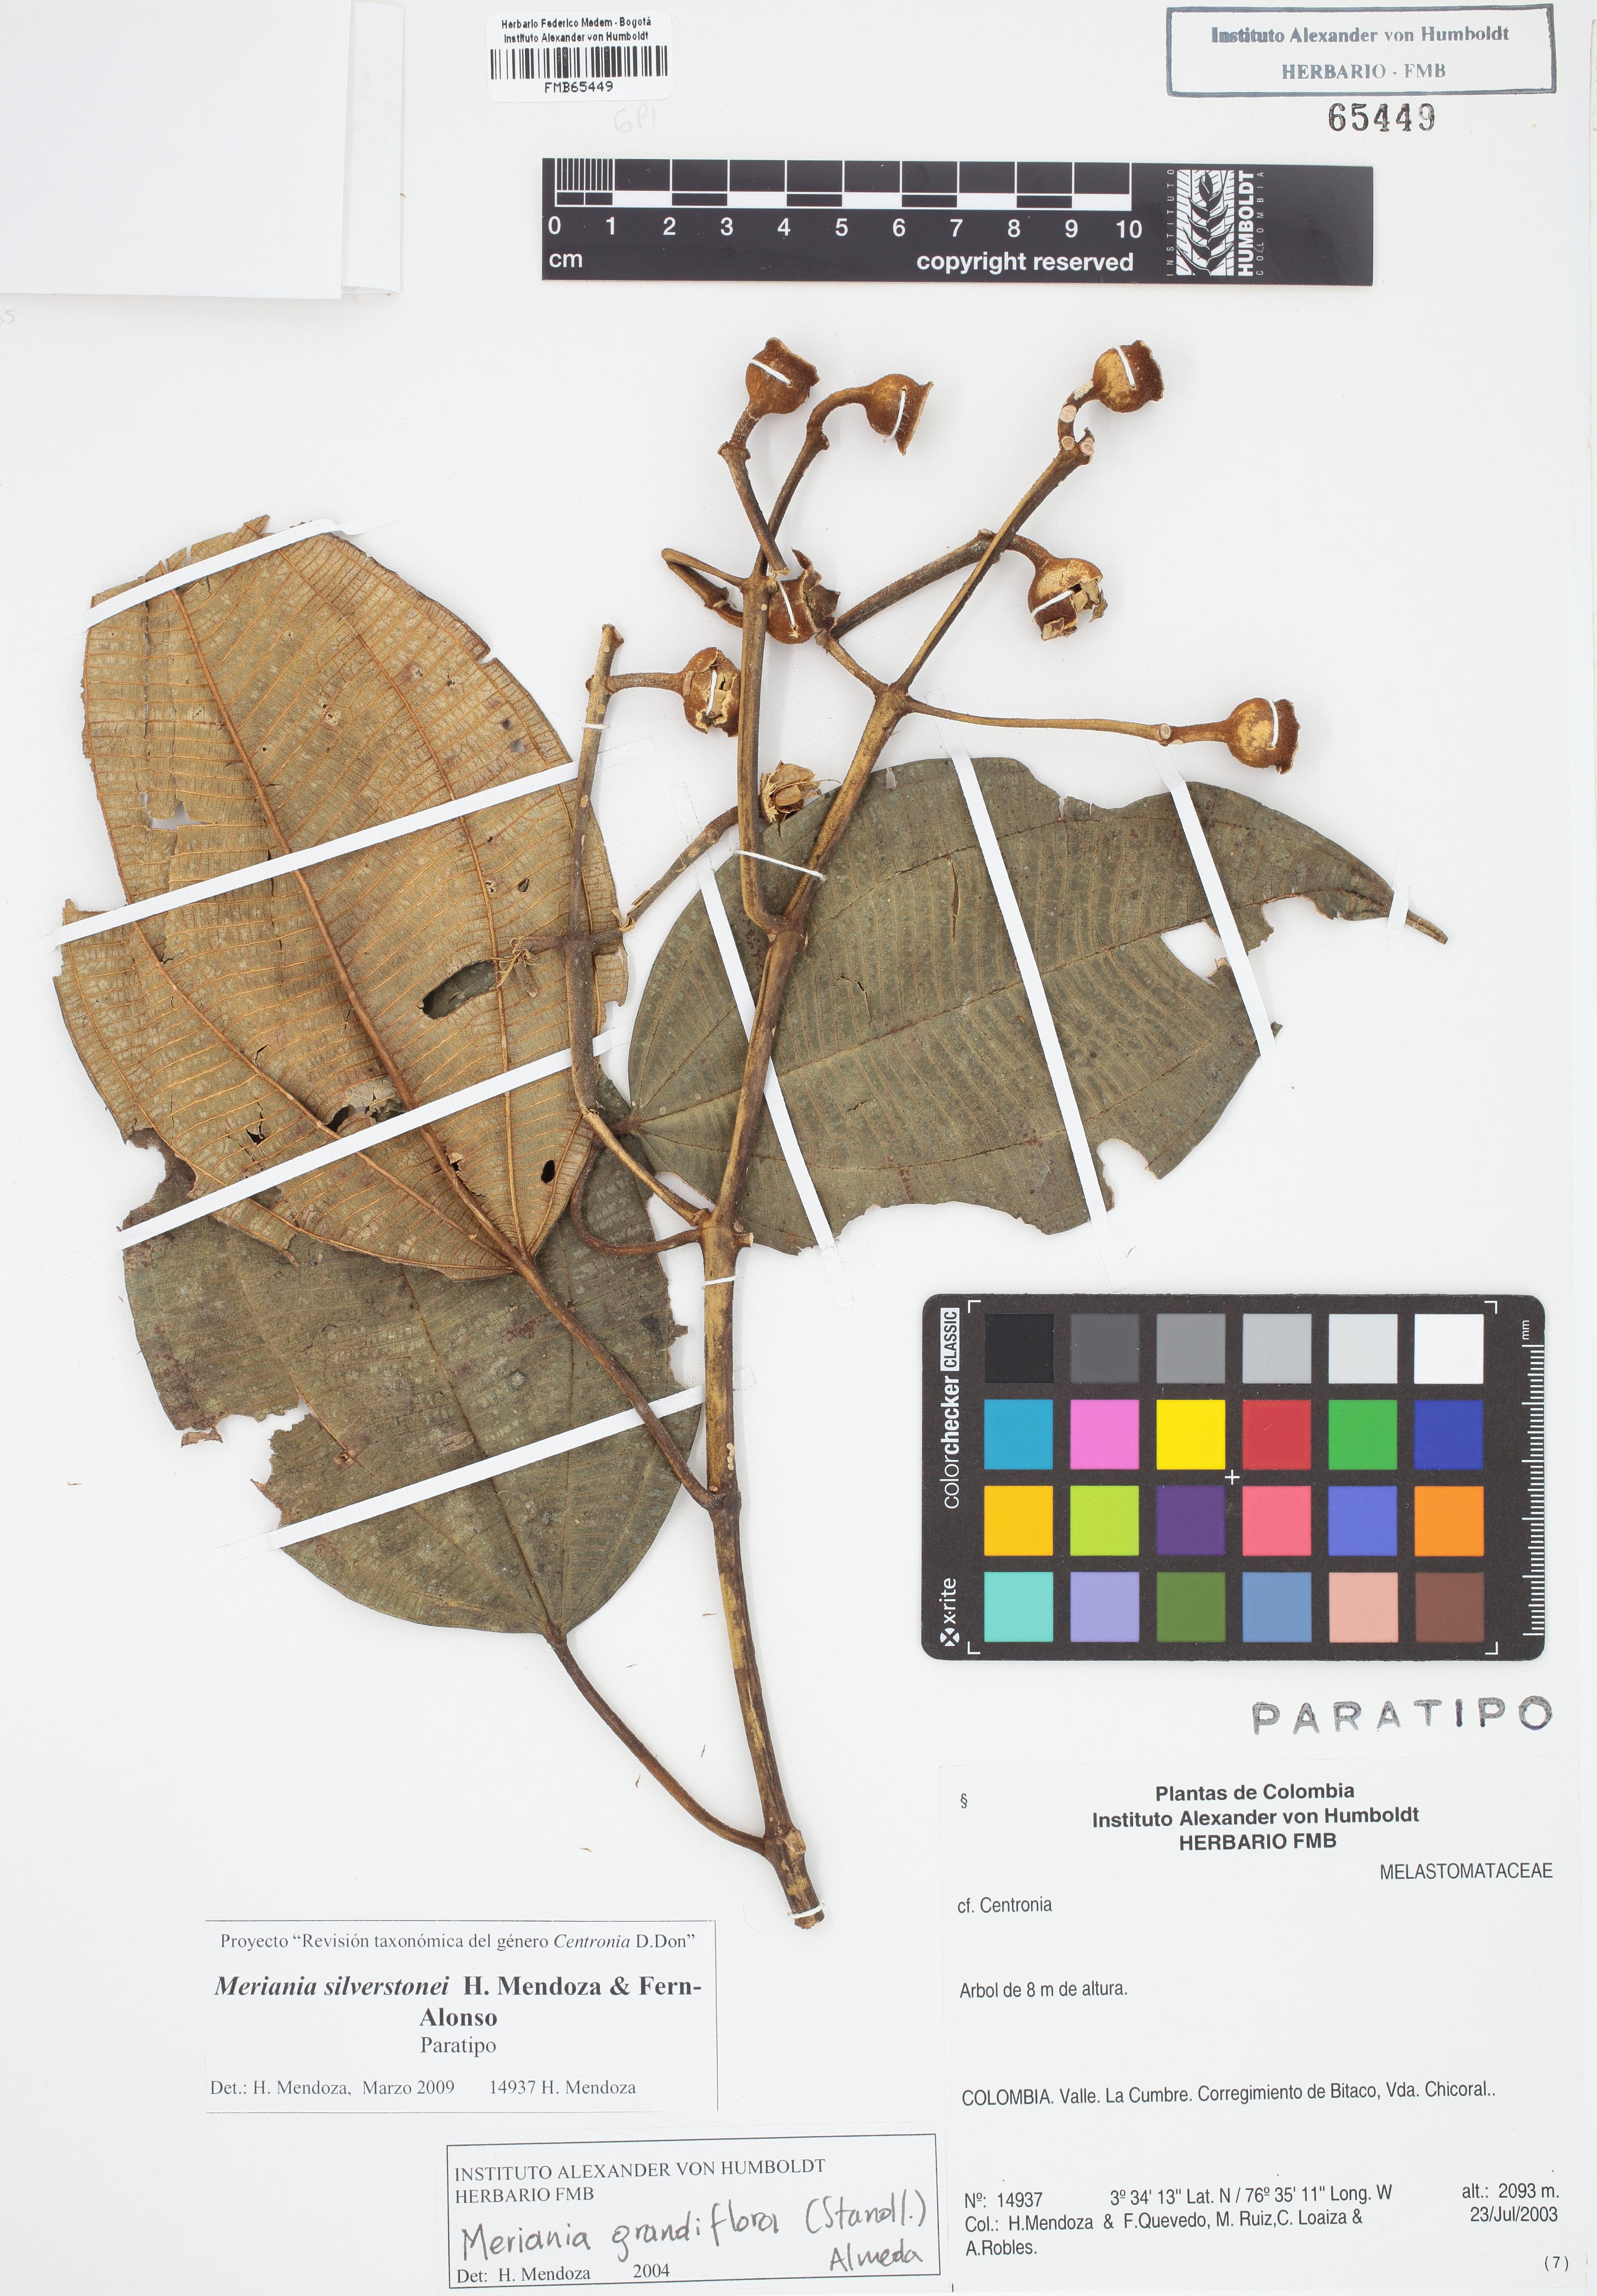 Paratipo de <em>Meriania silverstonei</em>, FMB-65449, Fotografía por Robles A.